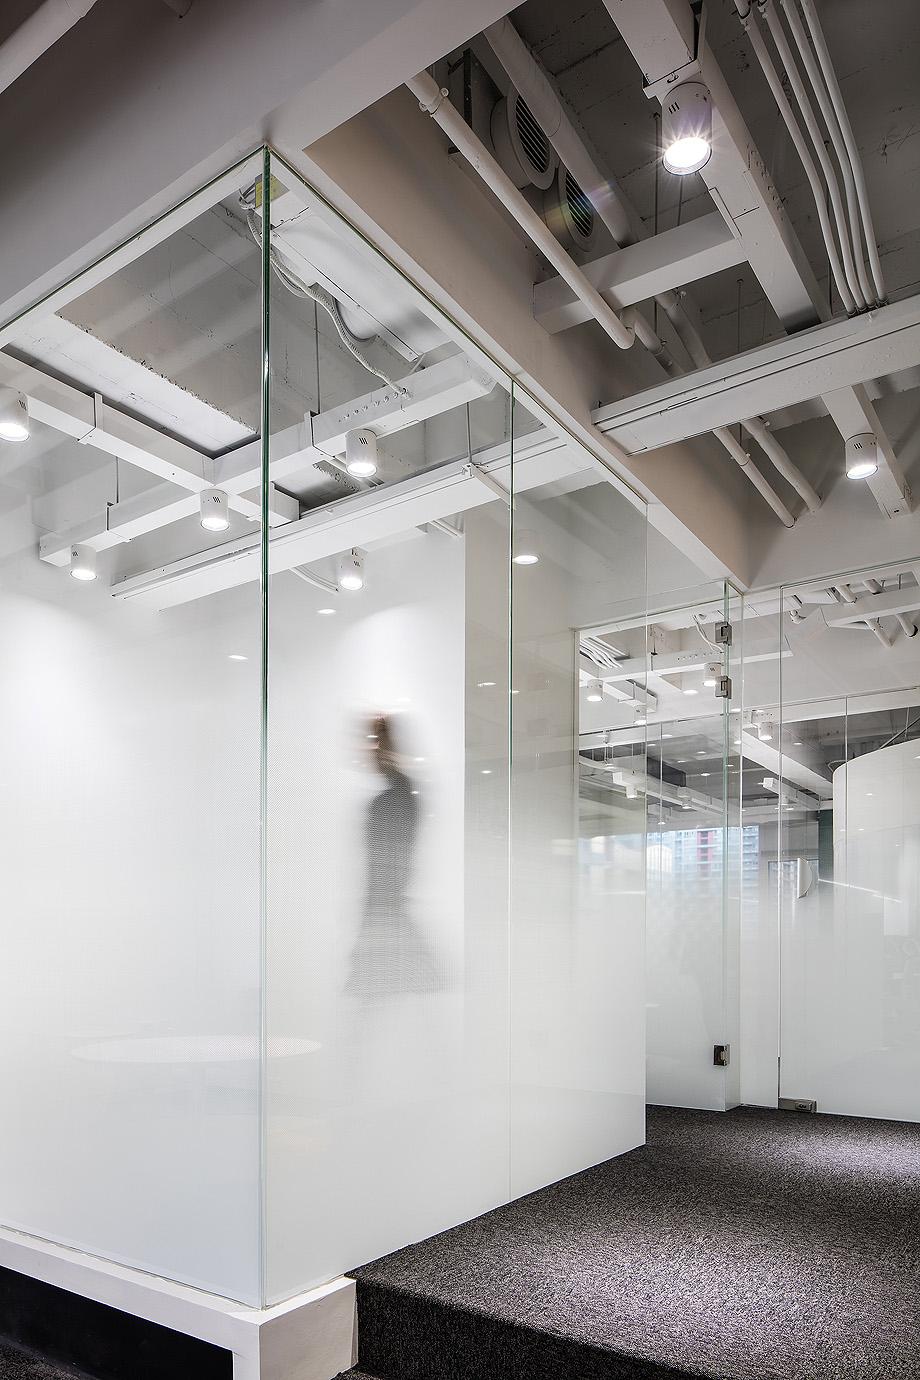 oficinas de diseño ambiental de shiyue media por cun design (18)